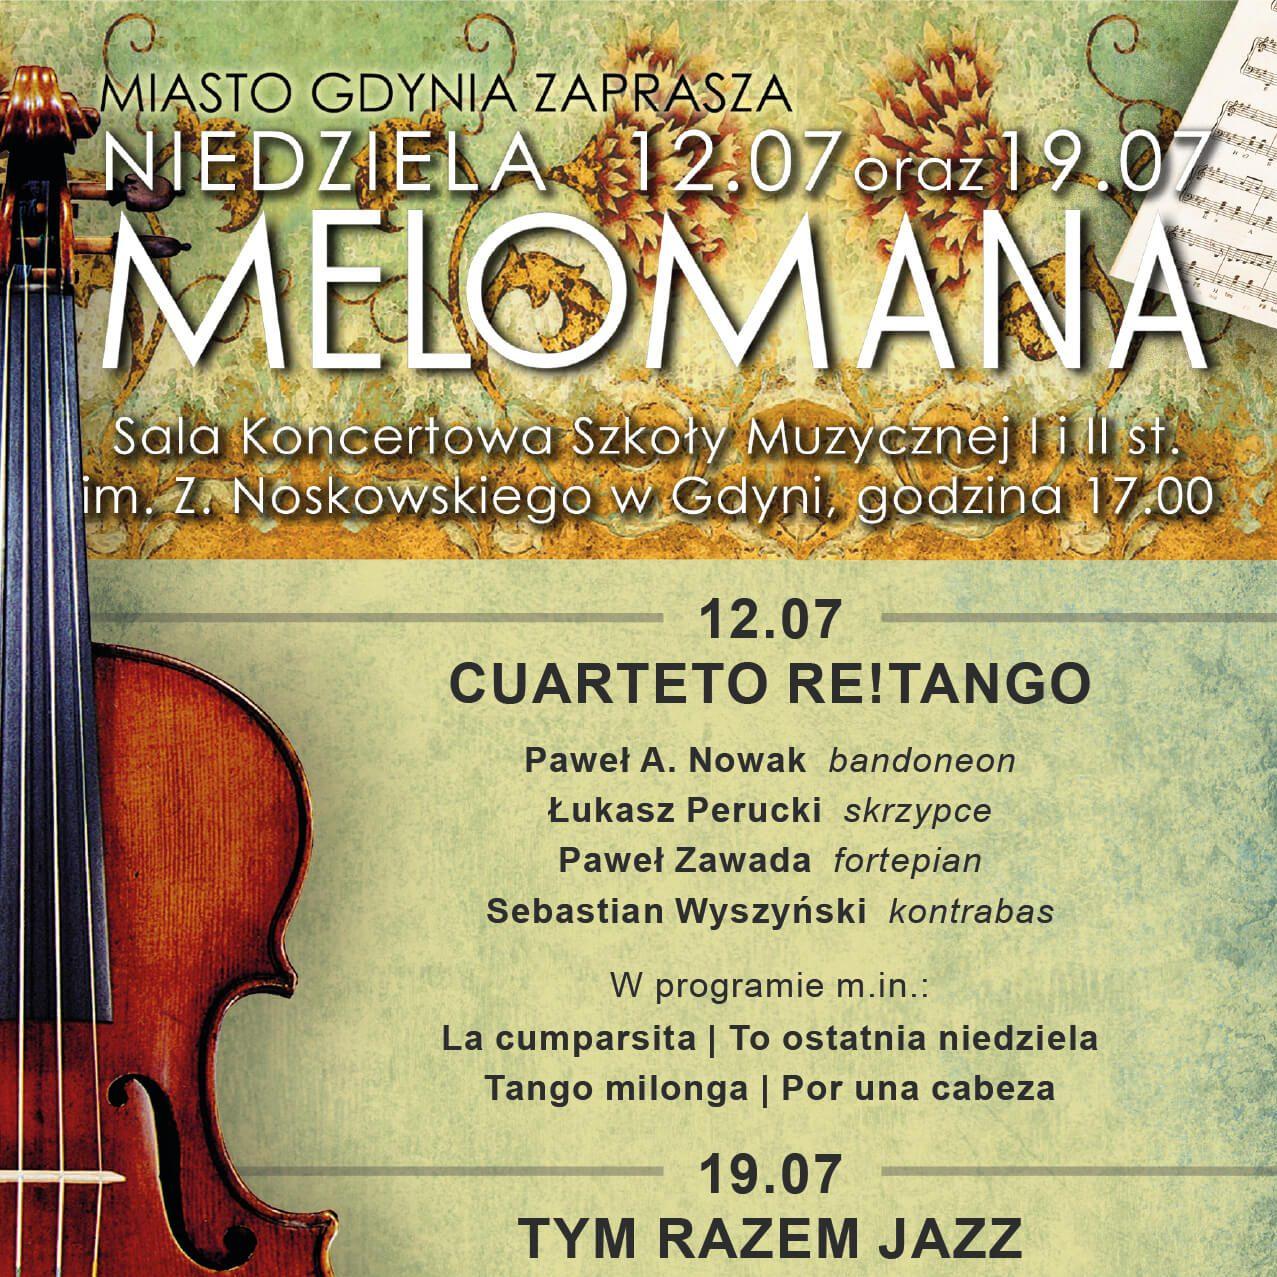 Niedziela Melomana w Szkole Muzycznej – CUARTETO RE!TANGO